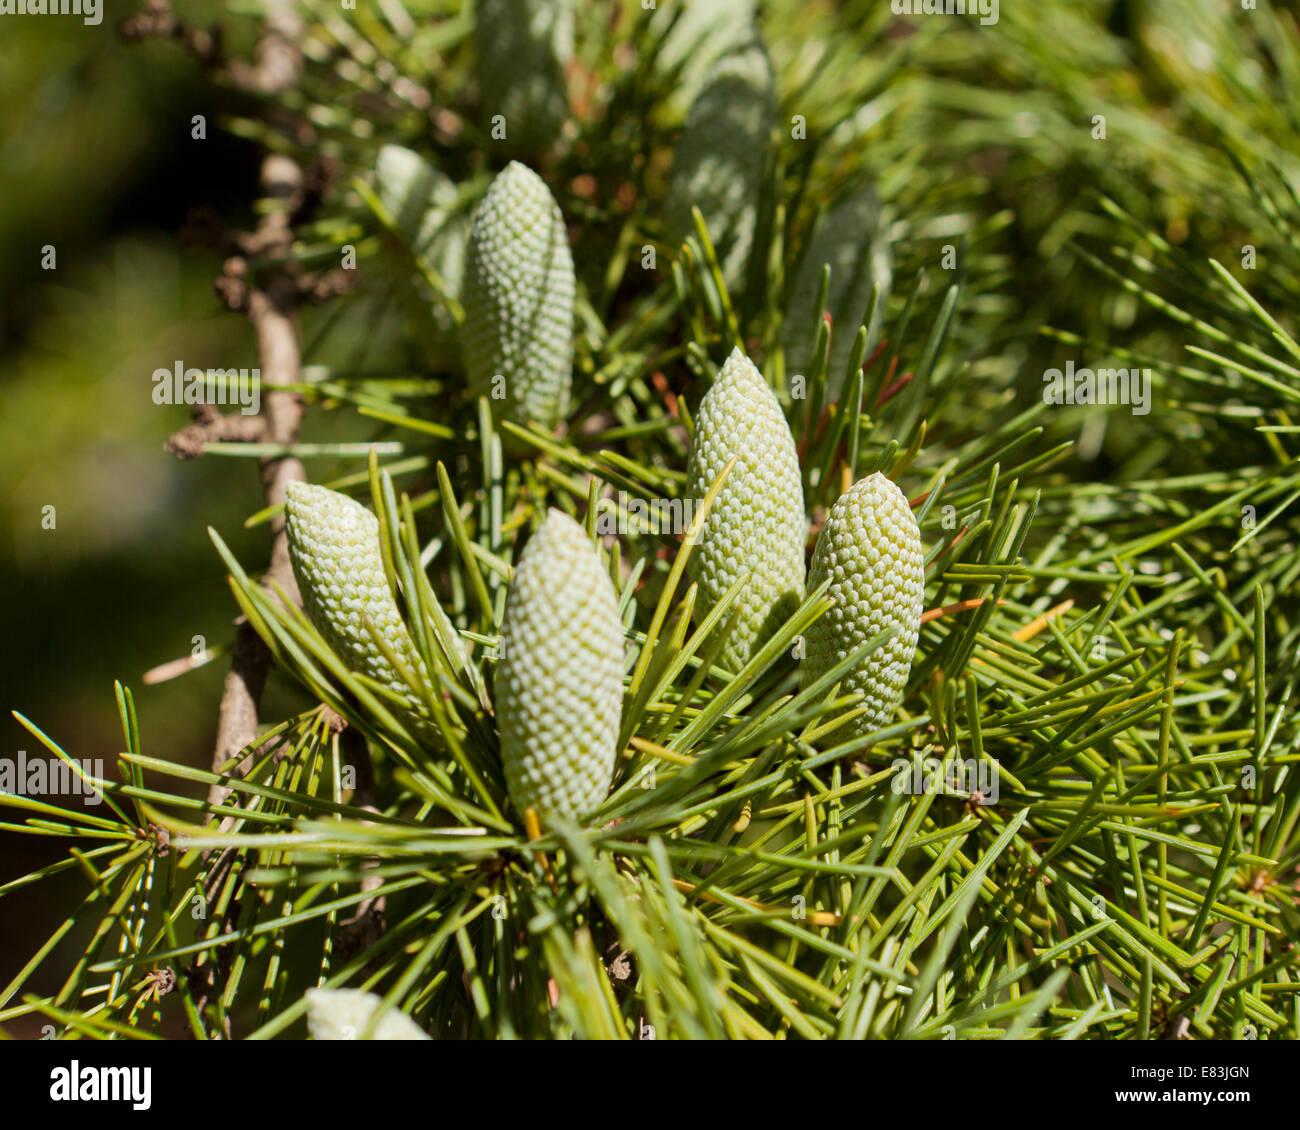 El cedro del Líbano (Cedrus libani) conos a comienzos de otoño - EE.UU. Imagen De Stock